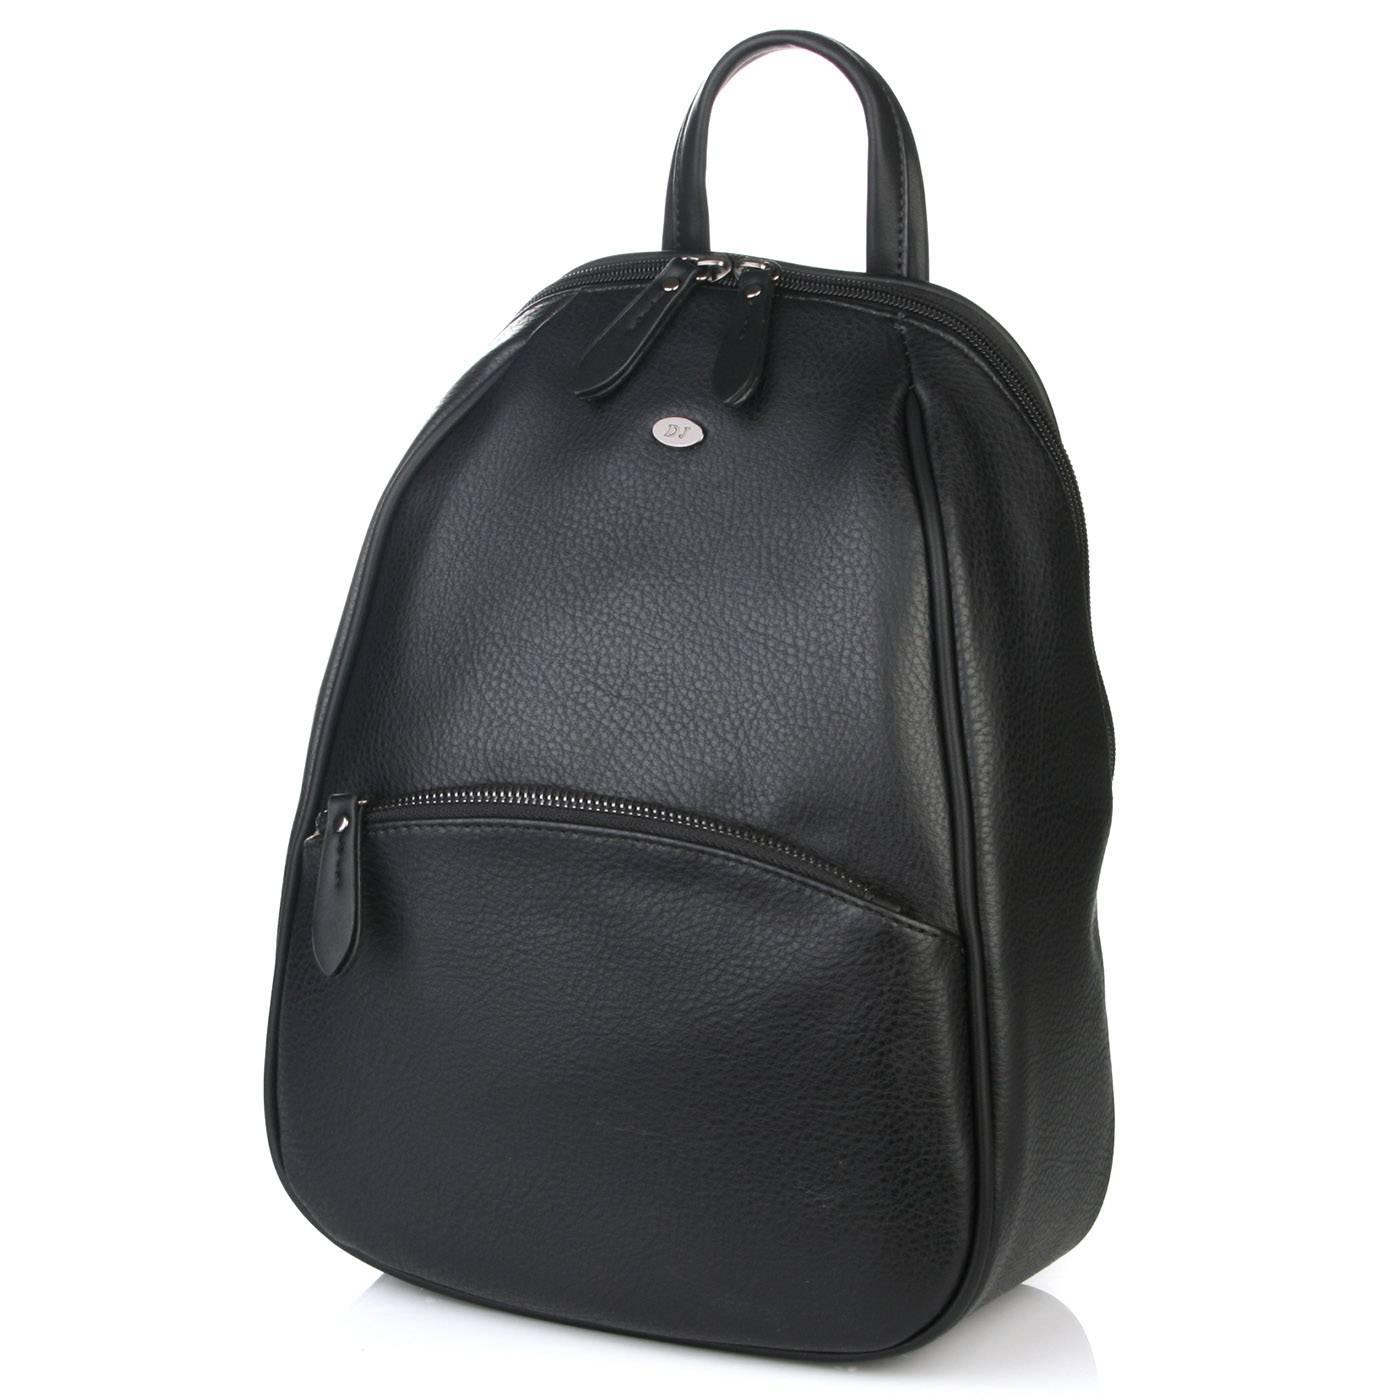 3bde9ce60874 Рюкзак женский David Jones 6042 Черный купить по выгодной цене в ...